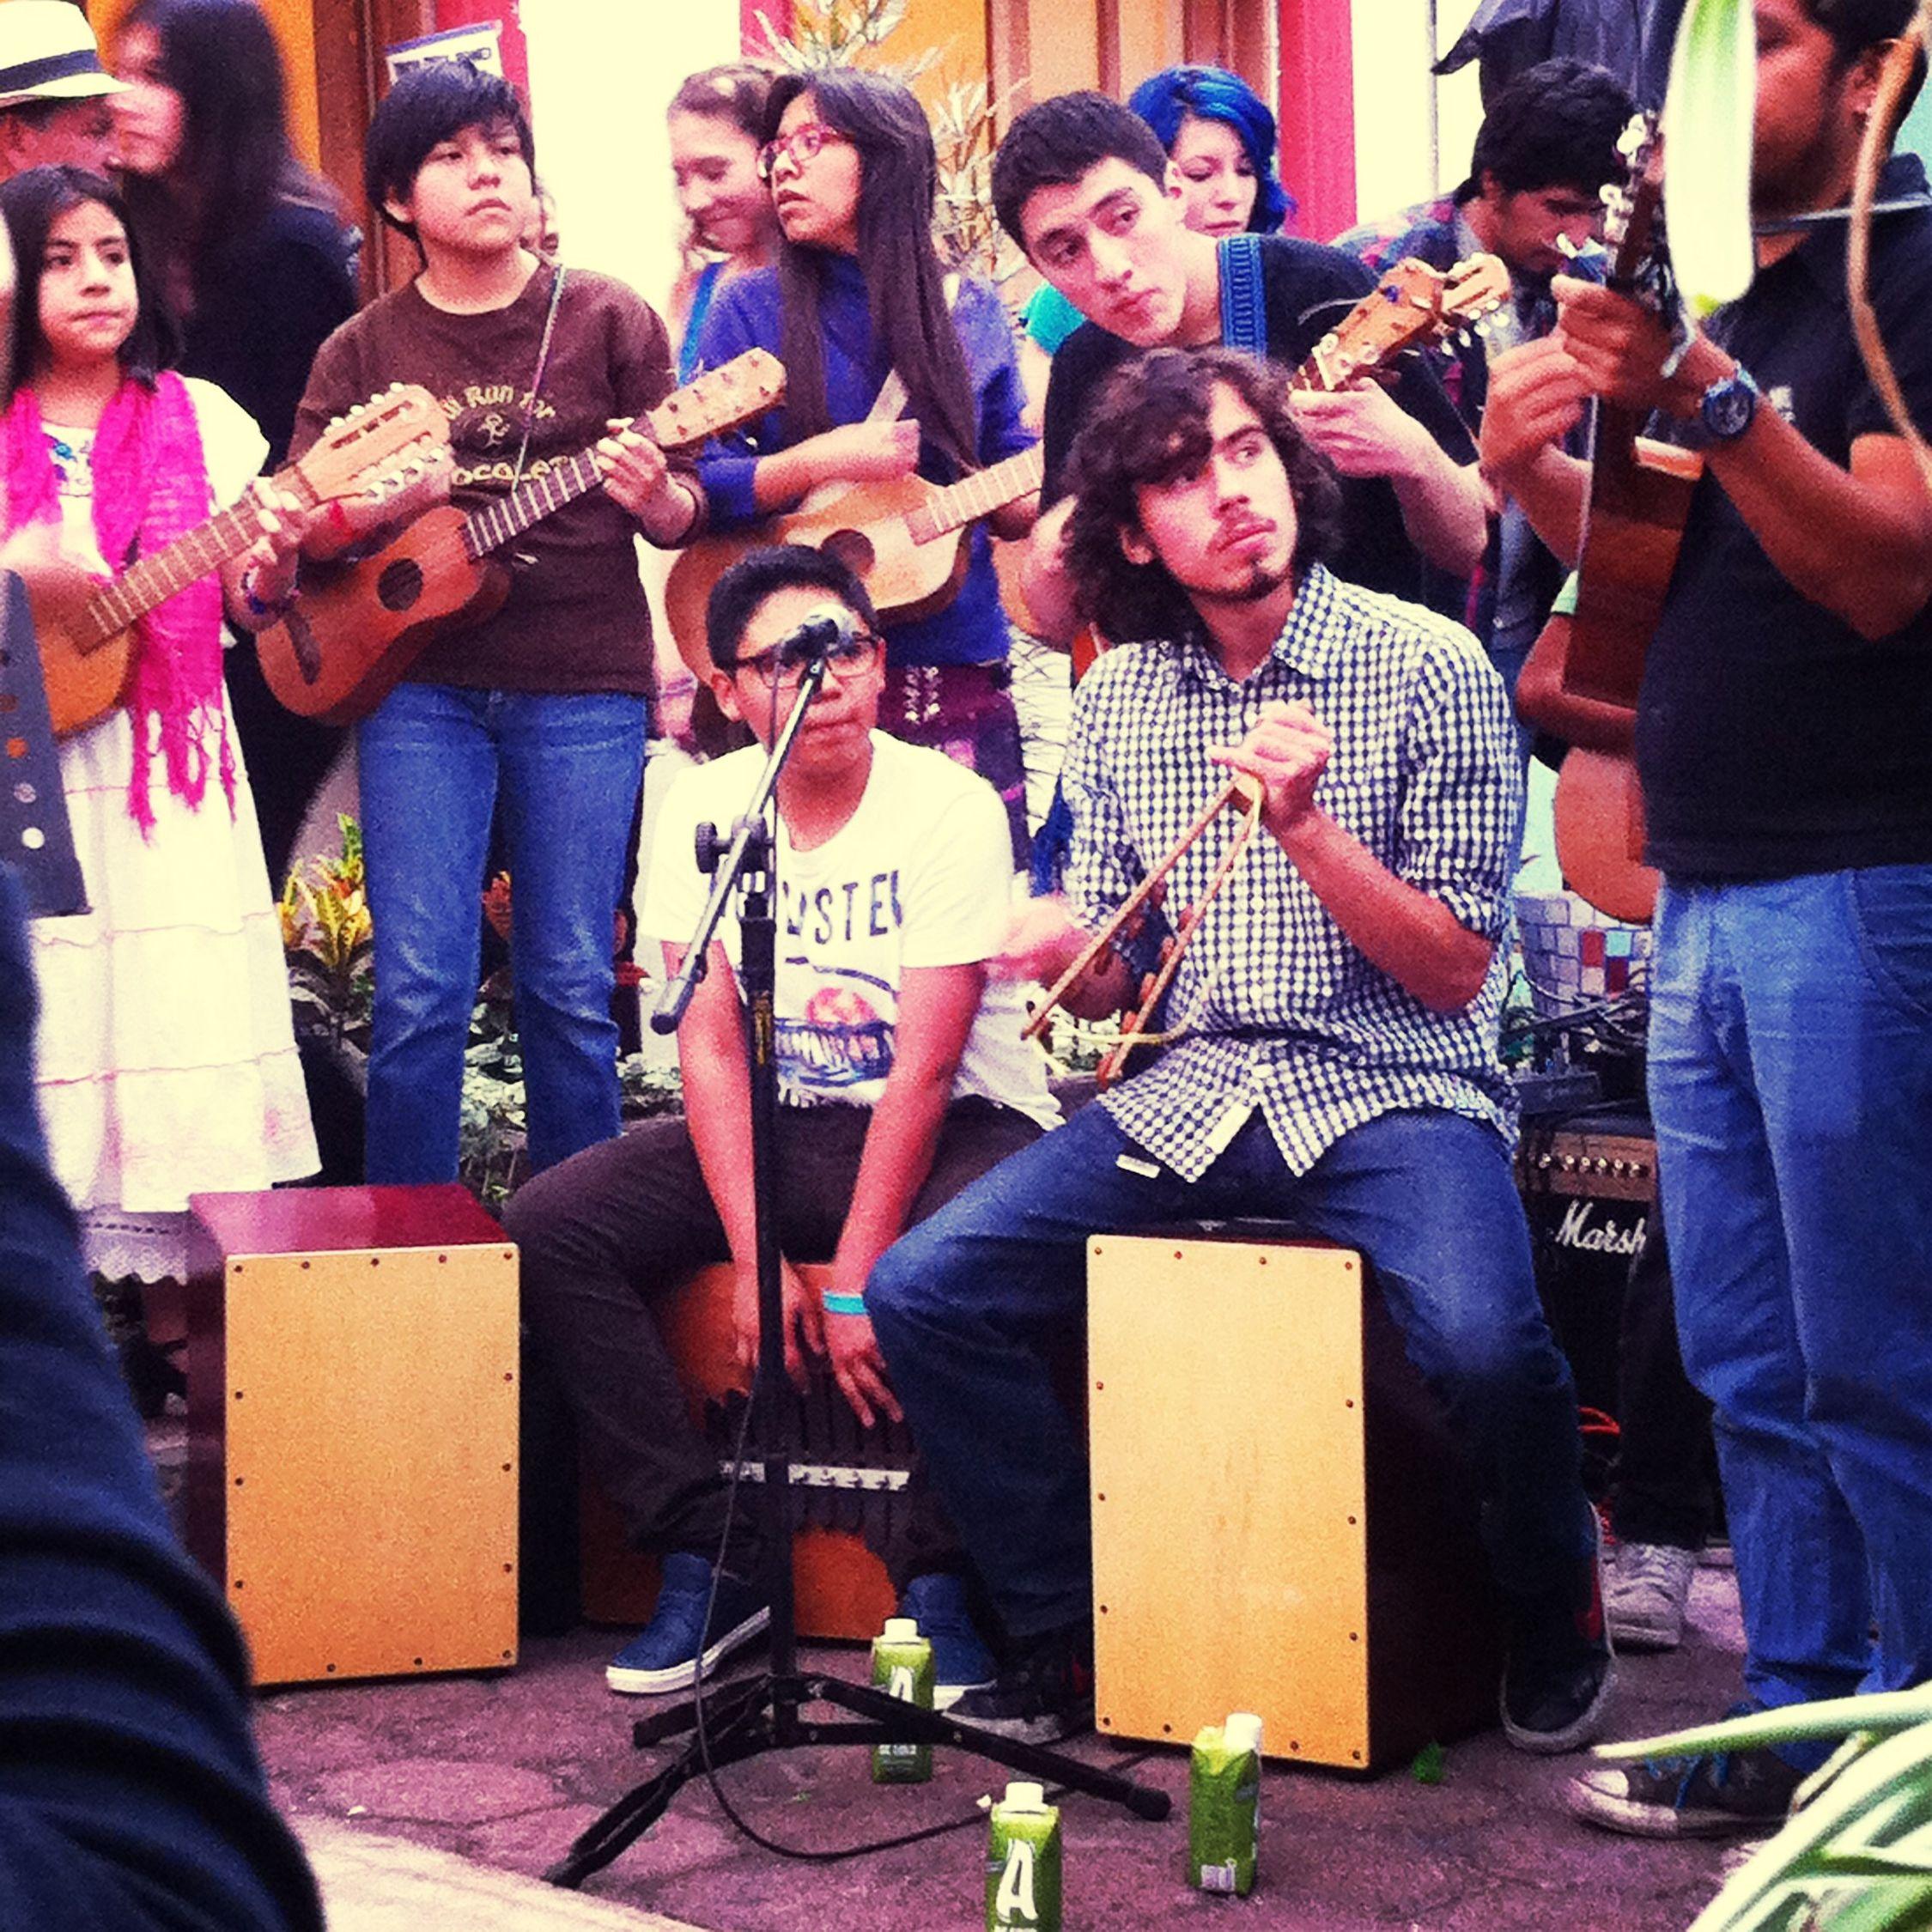 Esos jóvenes optaron por tener sus manos sobre un instrumento y no en las drogas. Youth Group Live Music Huapango